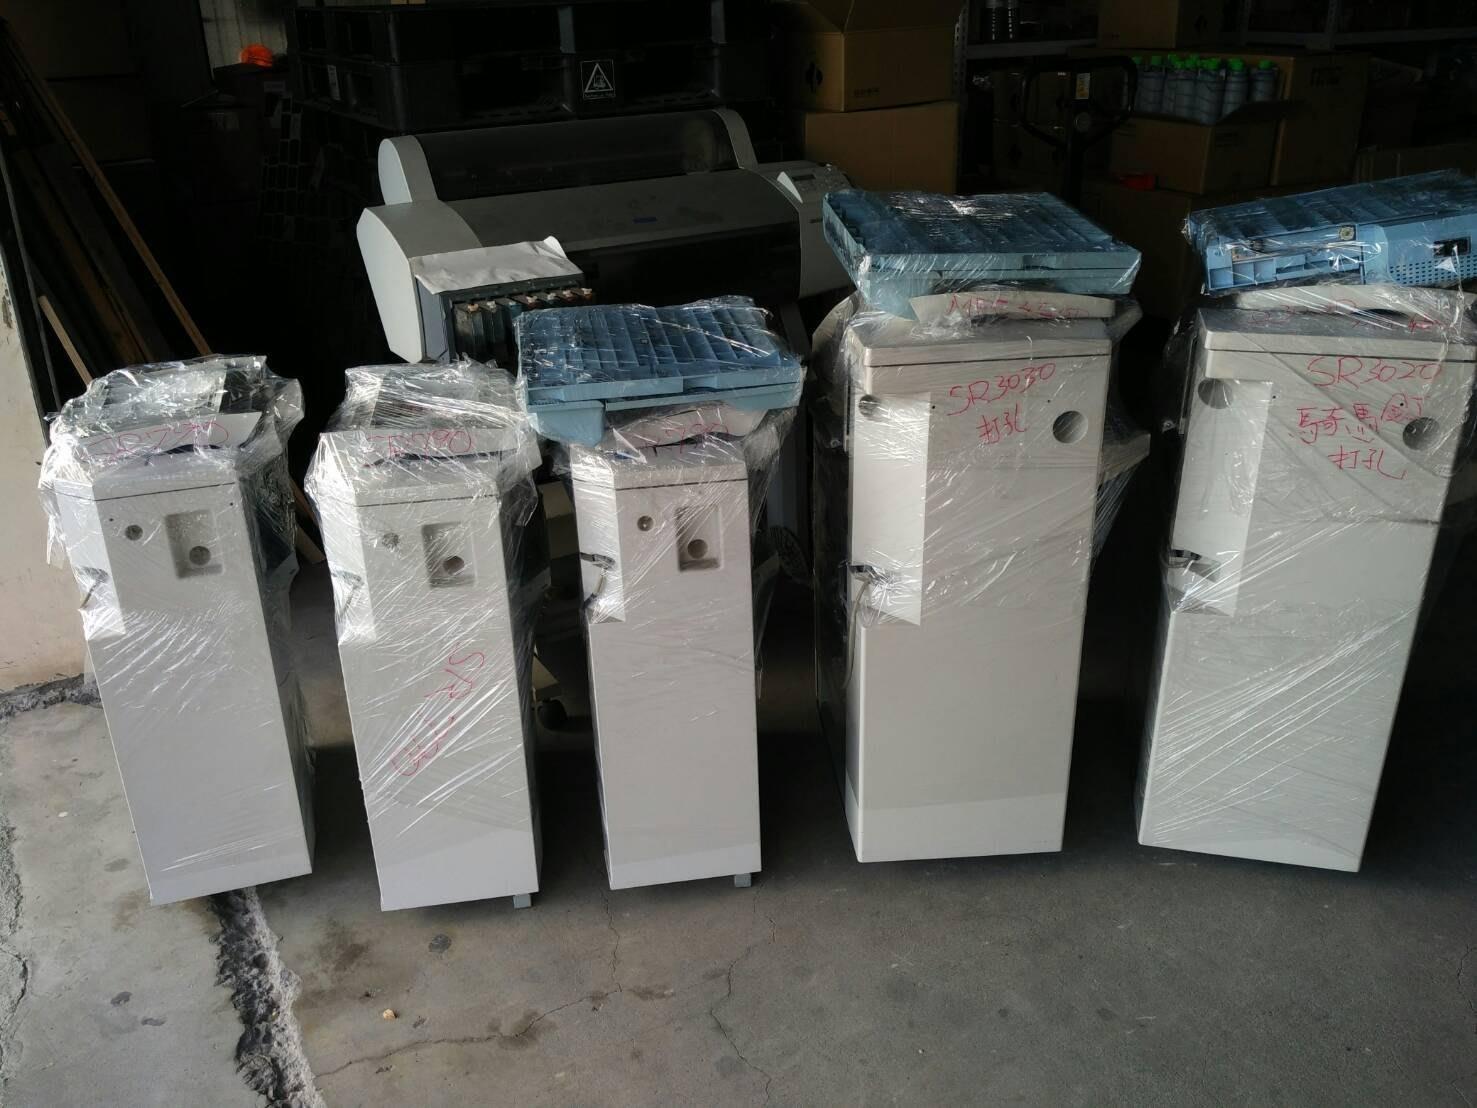 RICOH 理光 彩色影印機 / 黑白影印機 分頁裝釘機 特價: 2000元